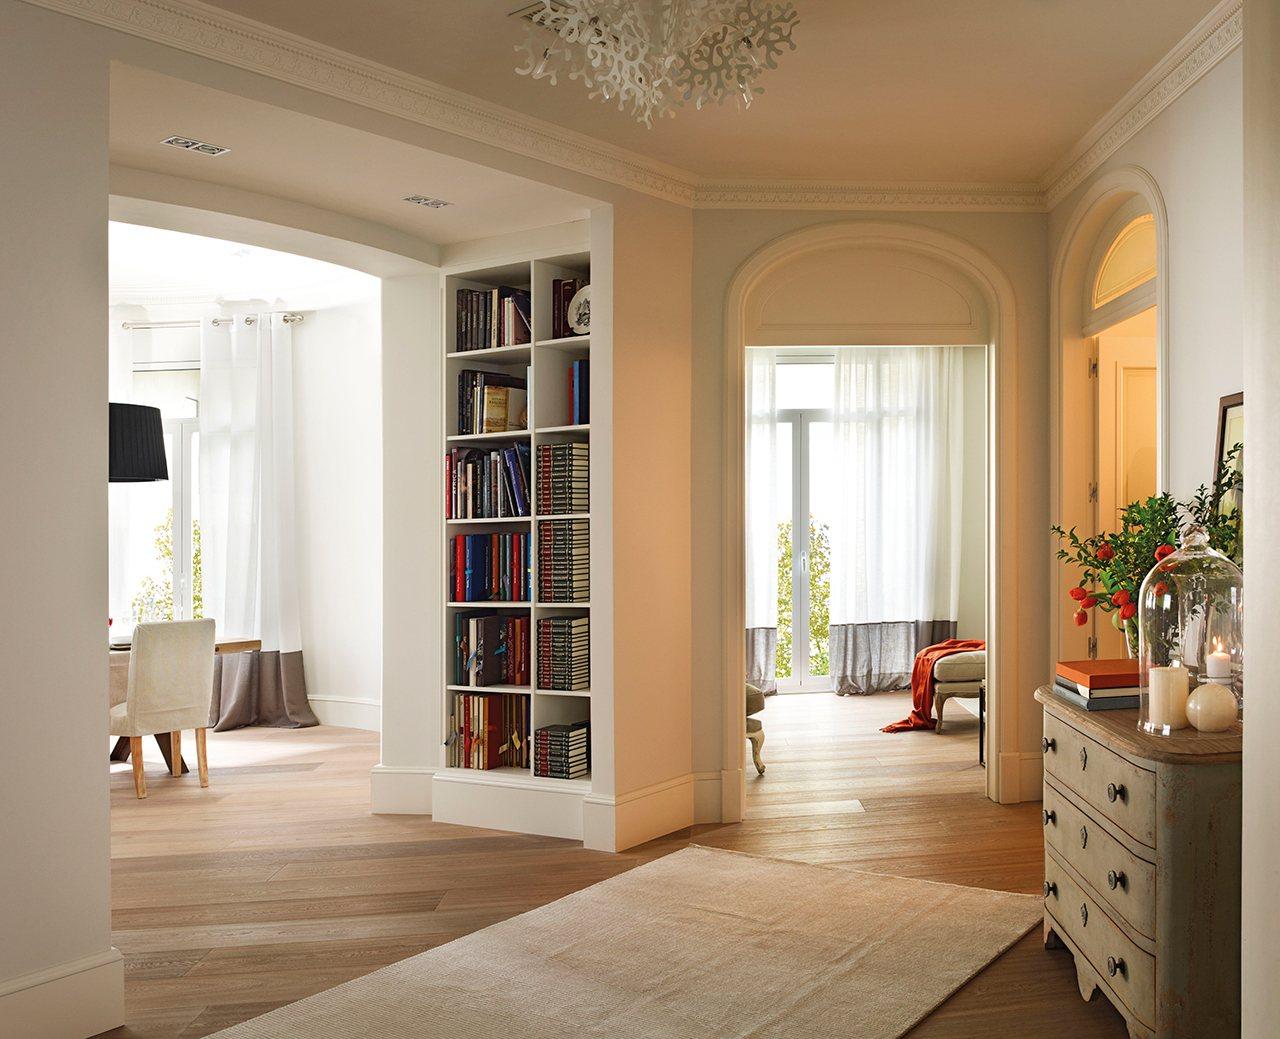 Olaimar decor habitaciones comunicadas comunicated rooms for Puertas habitaciones